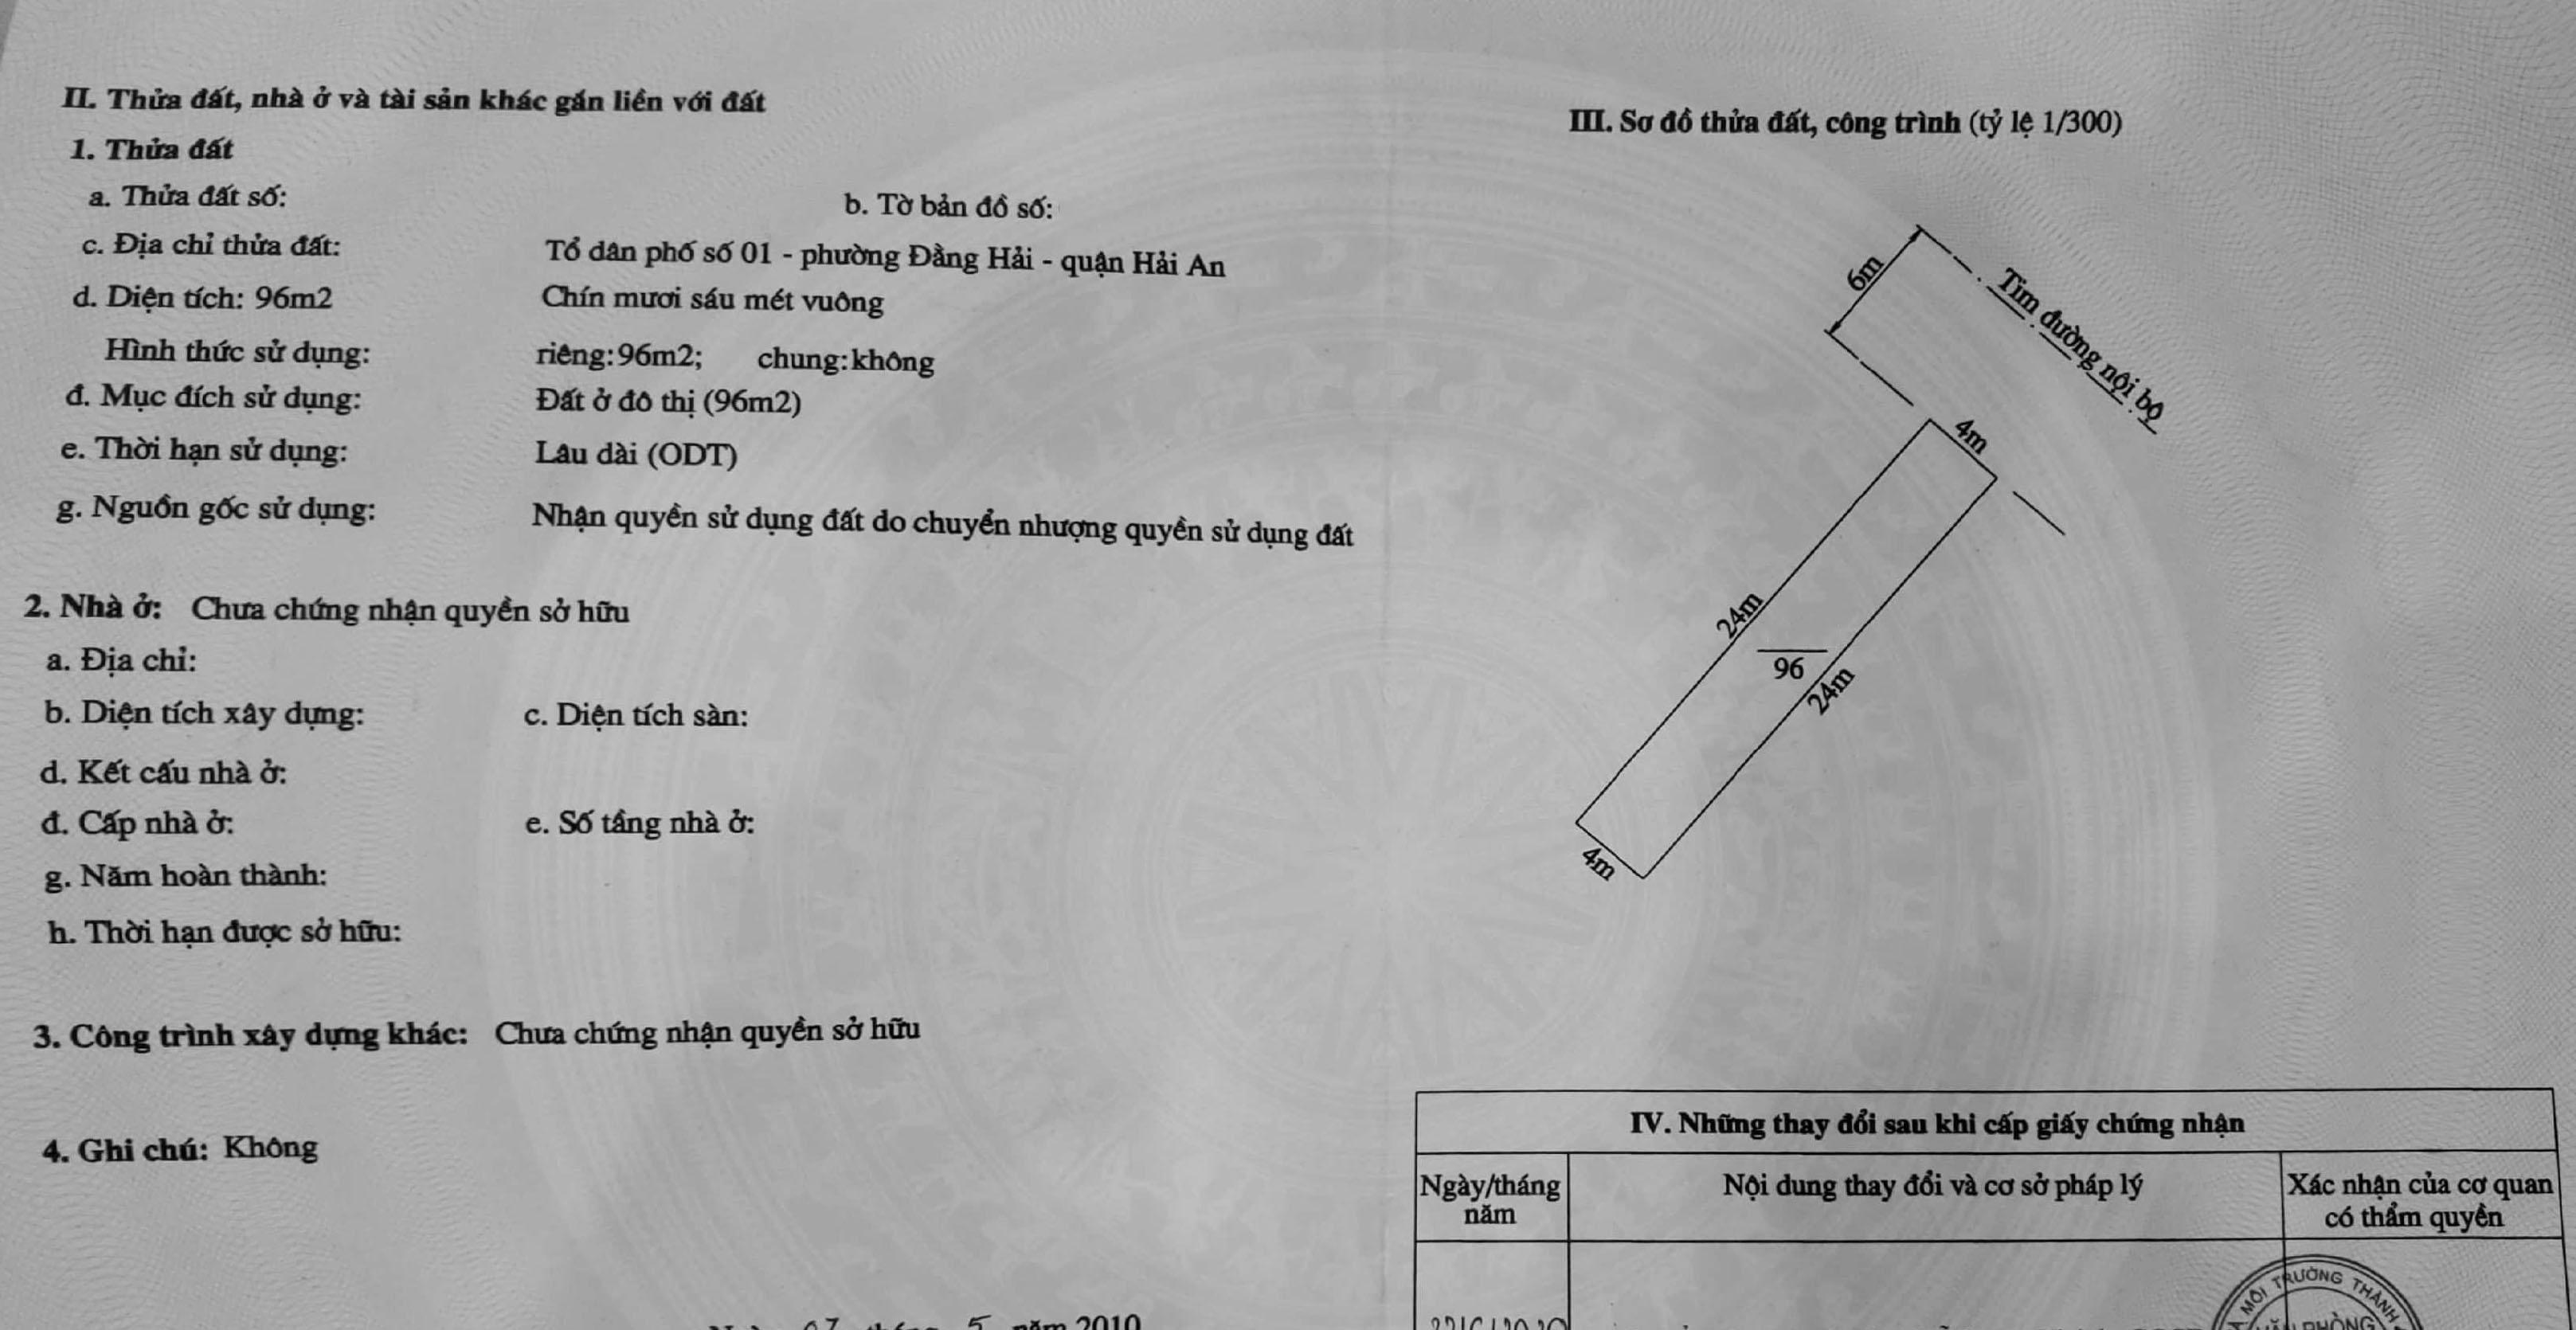 Bán nhanh lô đất TĐC Gốc Lim, Đằng Hải, Hải An, Hải Phòng